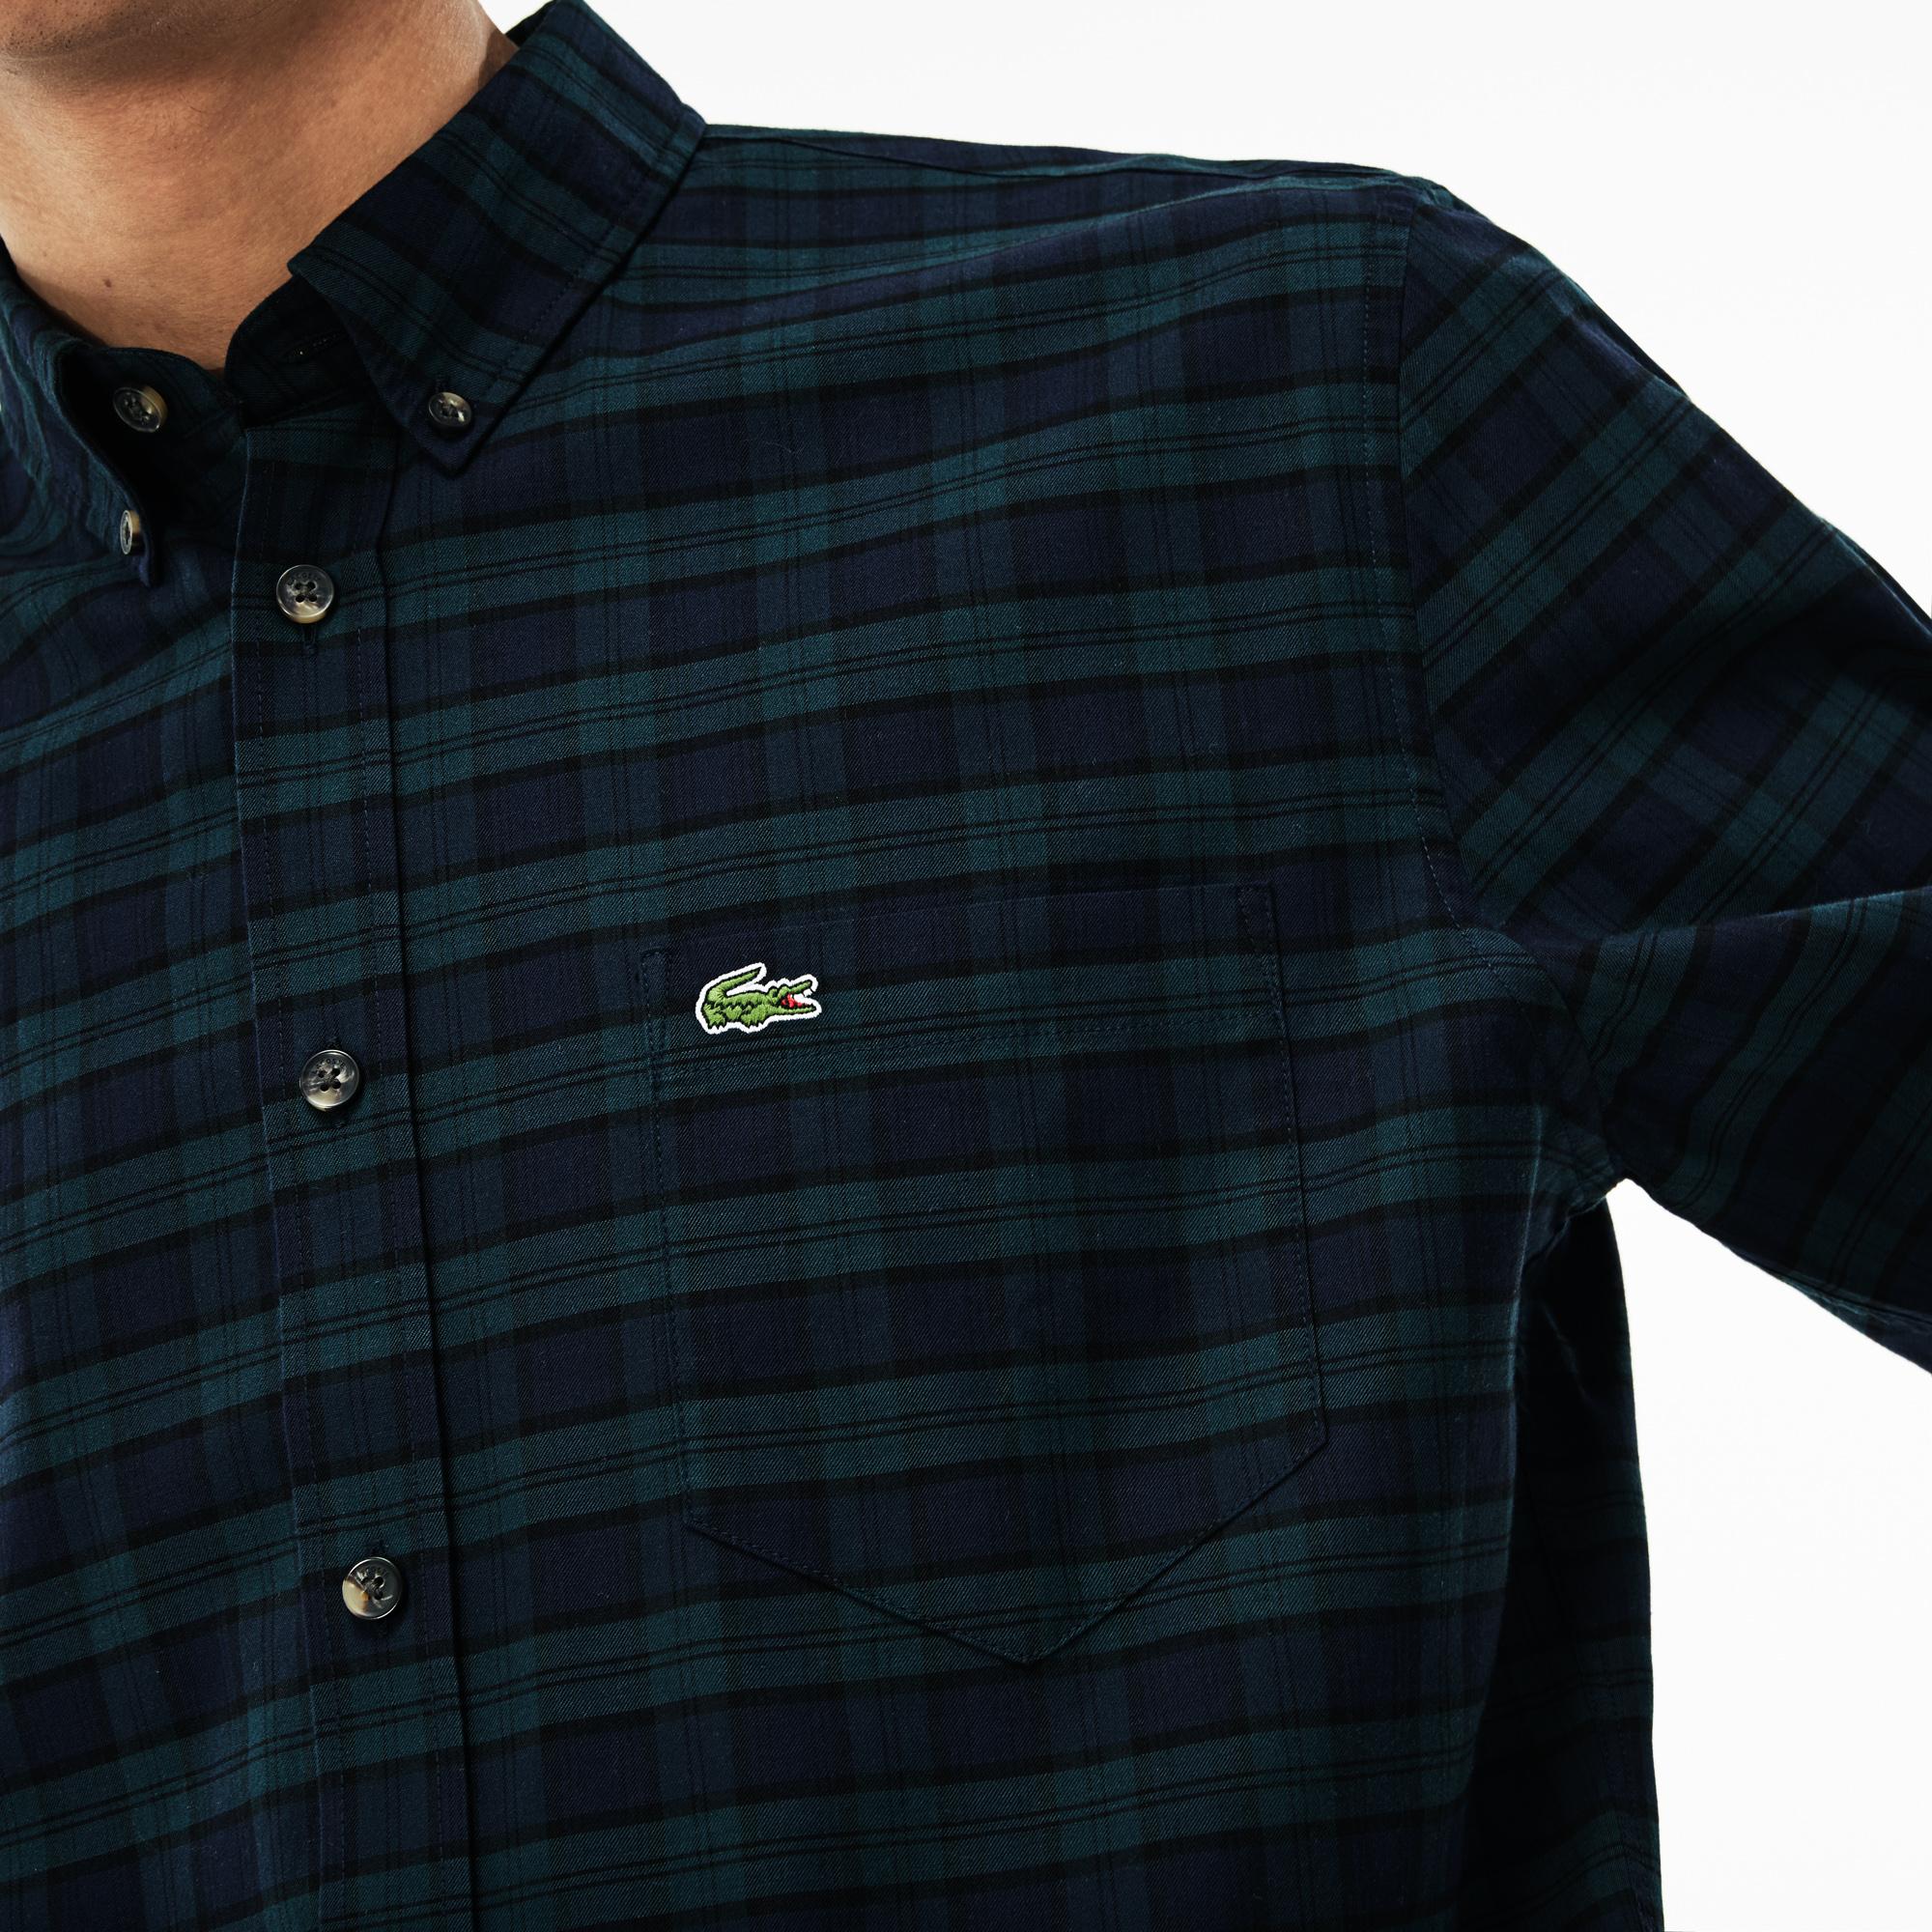 Фото 5 - Мужскую рубашку Lacoste темно-синего цвета